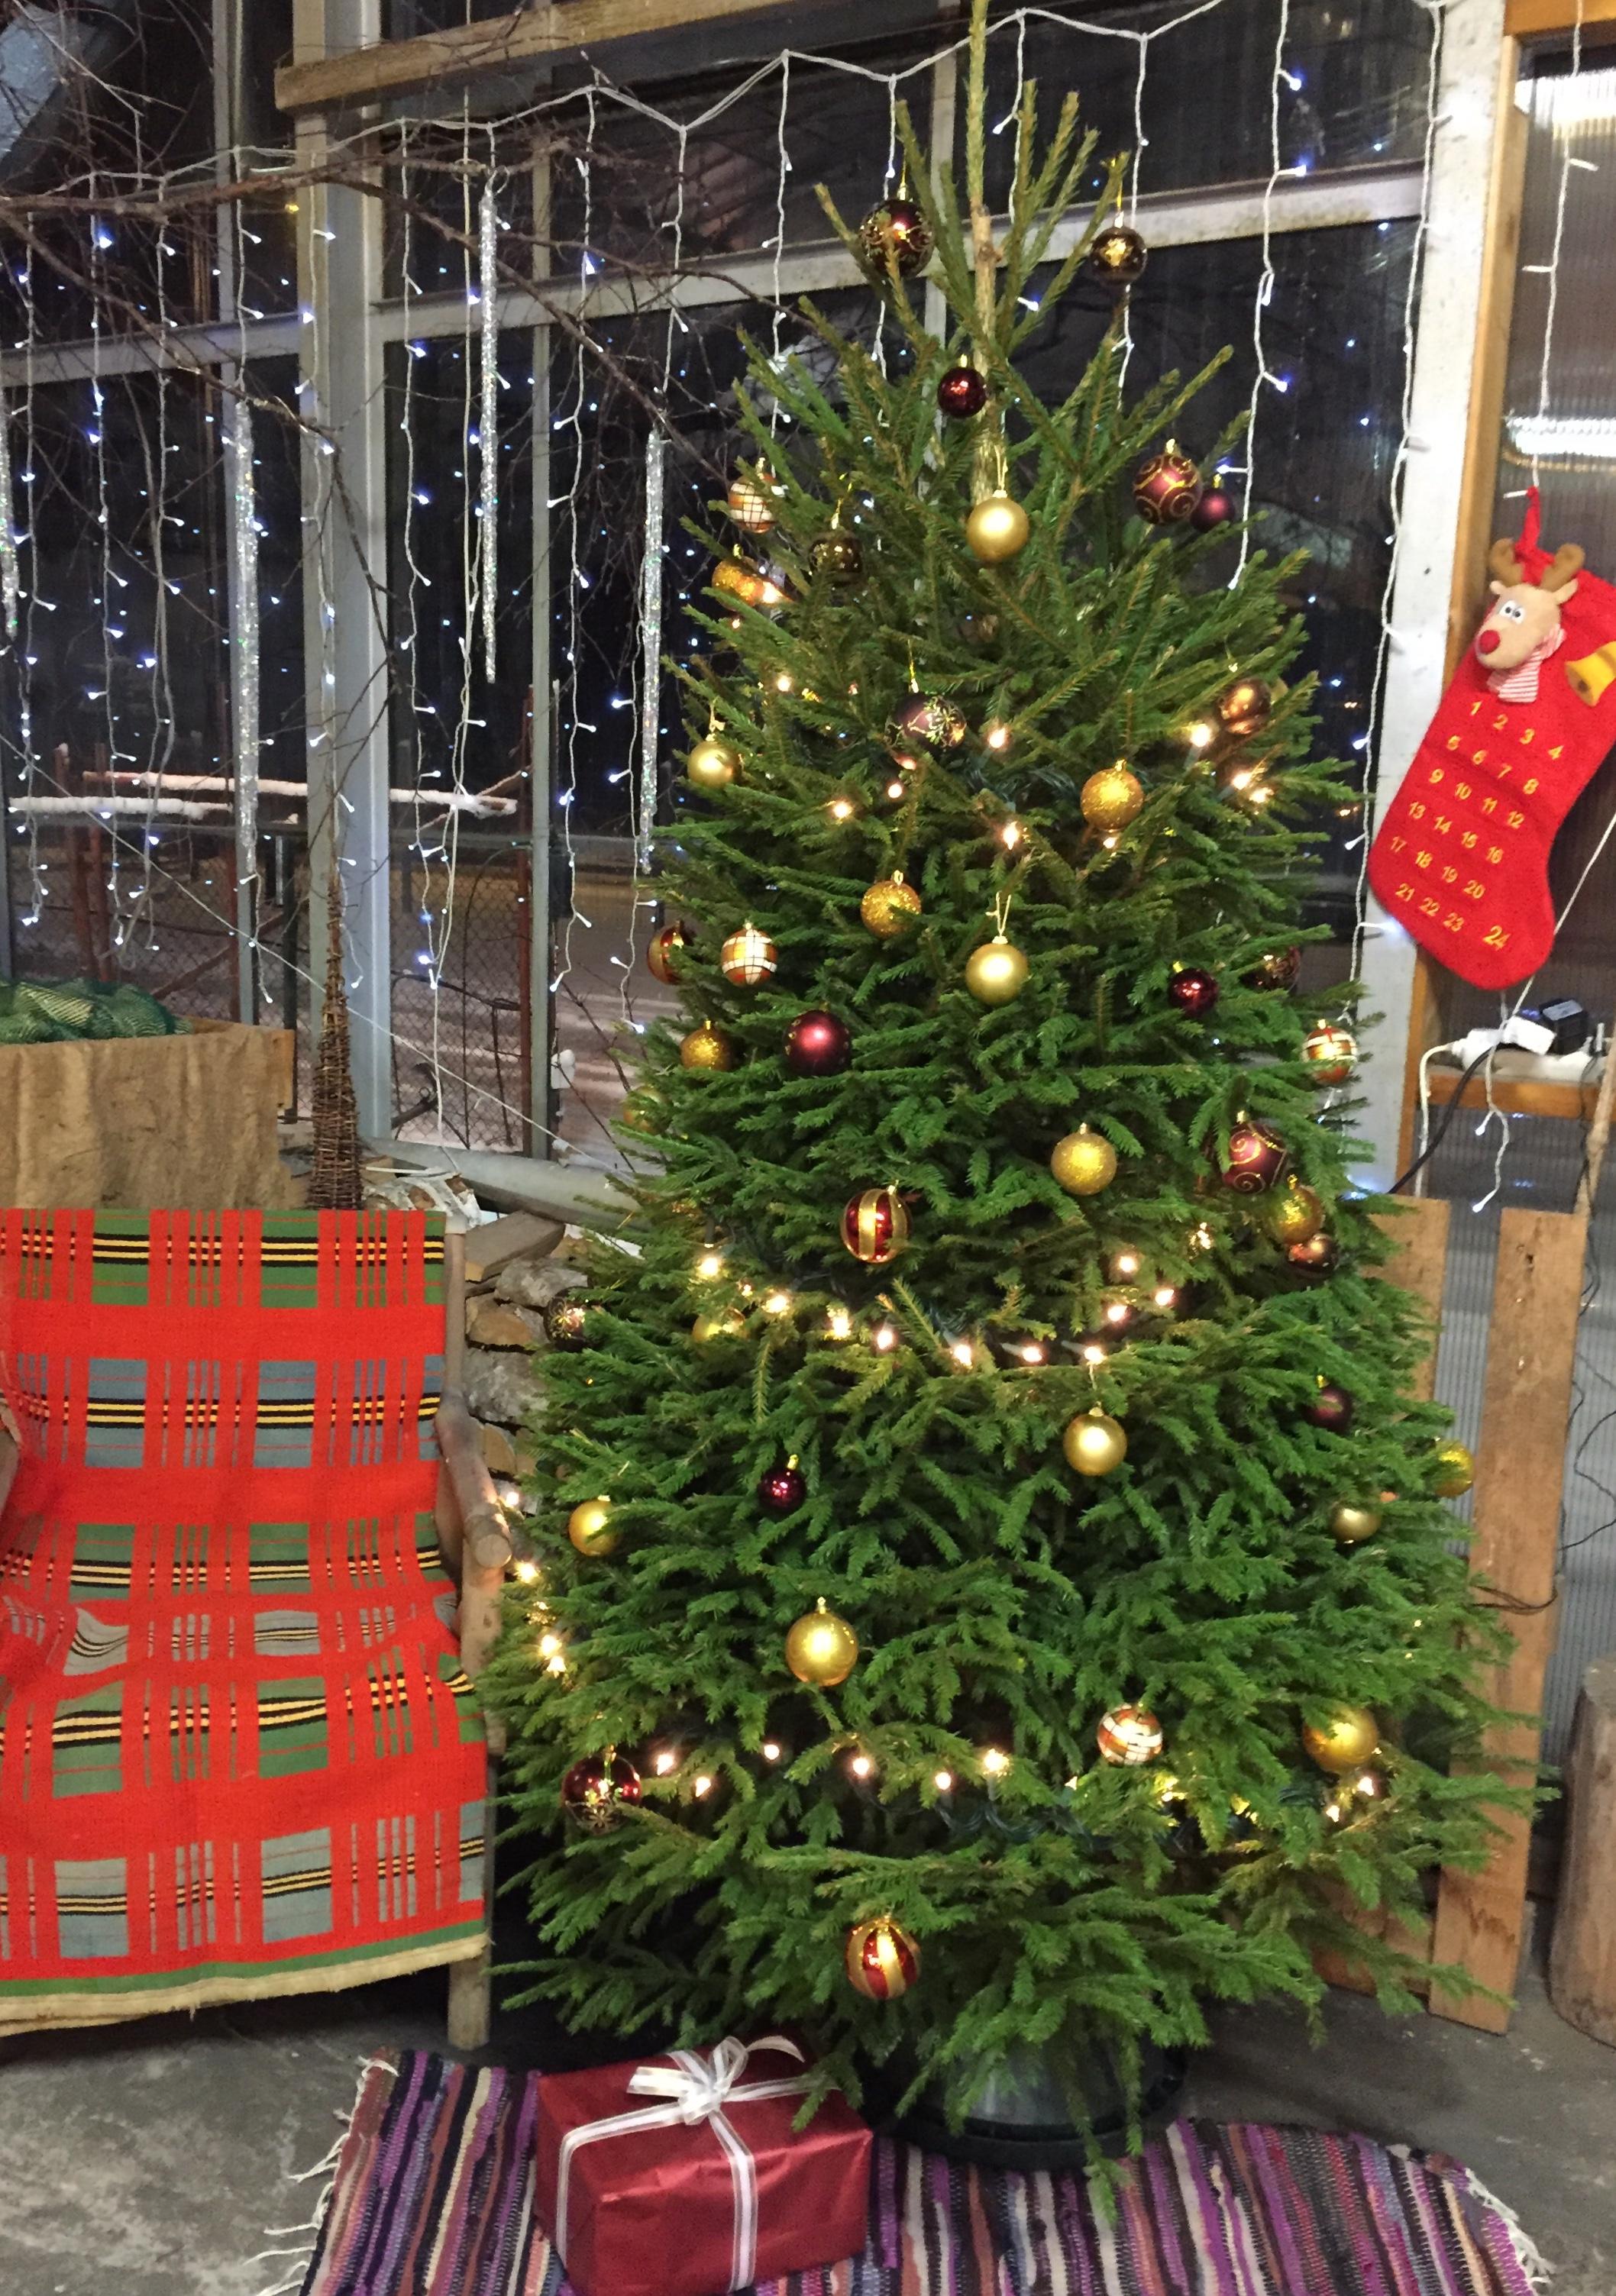 koos jõuluvana tooliga